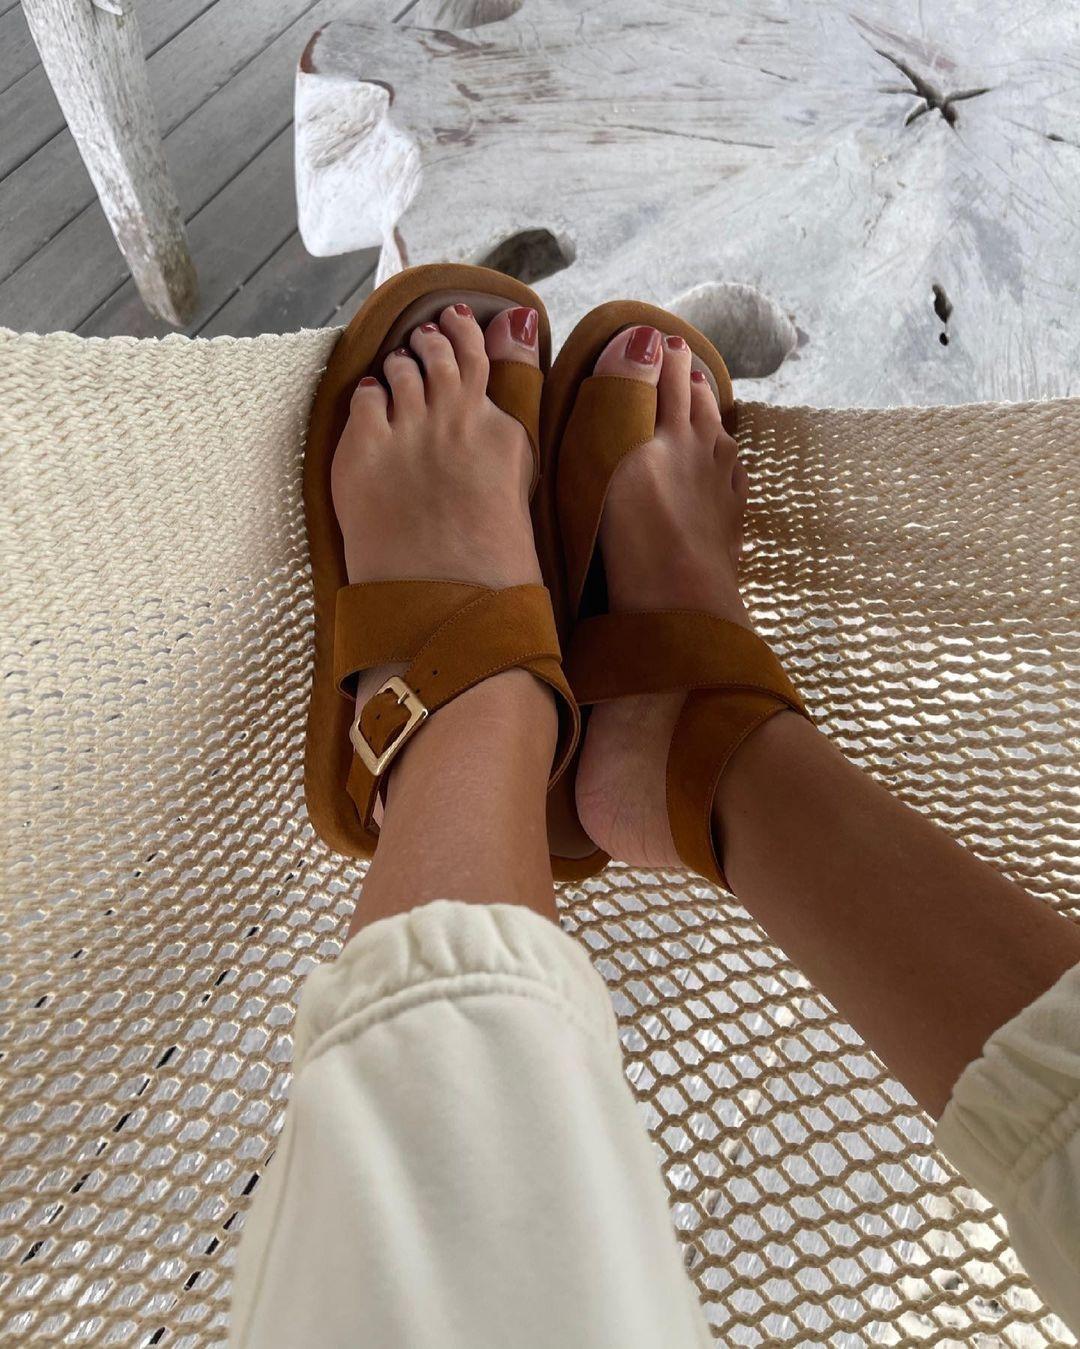 модная обувь лето 2021 на низком ходу плоская подошва без каблука женская на большой палец коричневые замшевые рыжие